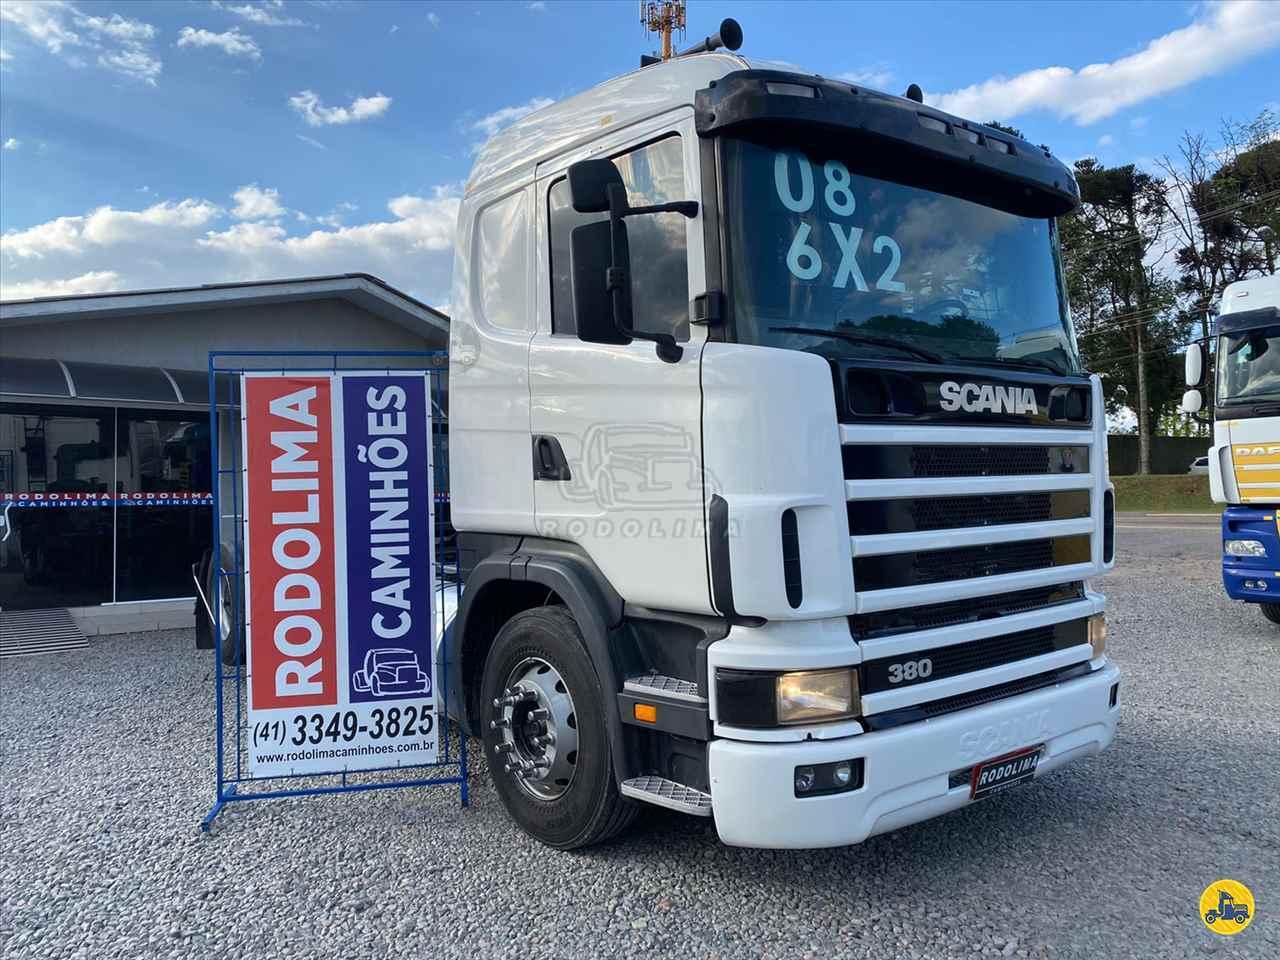 CAMINHAO SCANIA SCANIA 114 380 Chassis Truck 6x2 Rodolima Caminhões CURITIBA PARANÁ PR